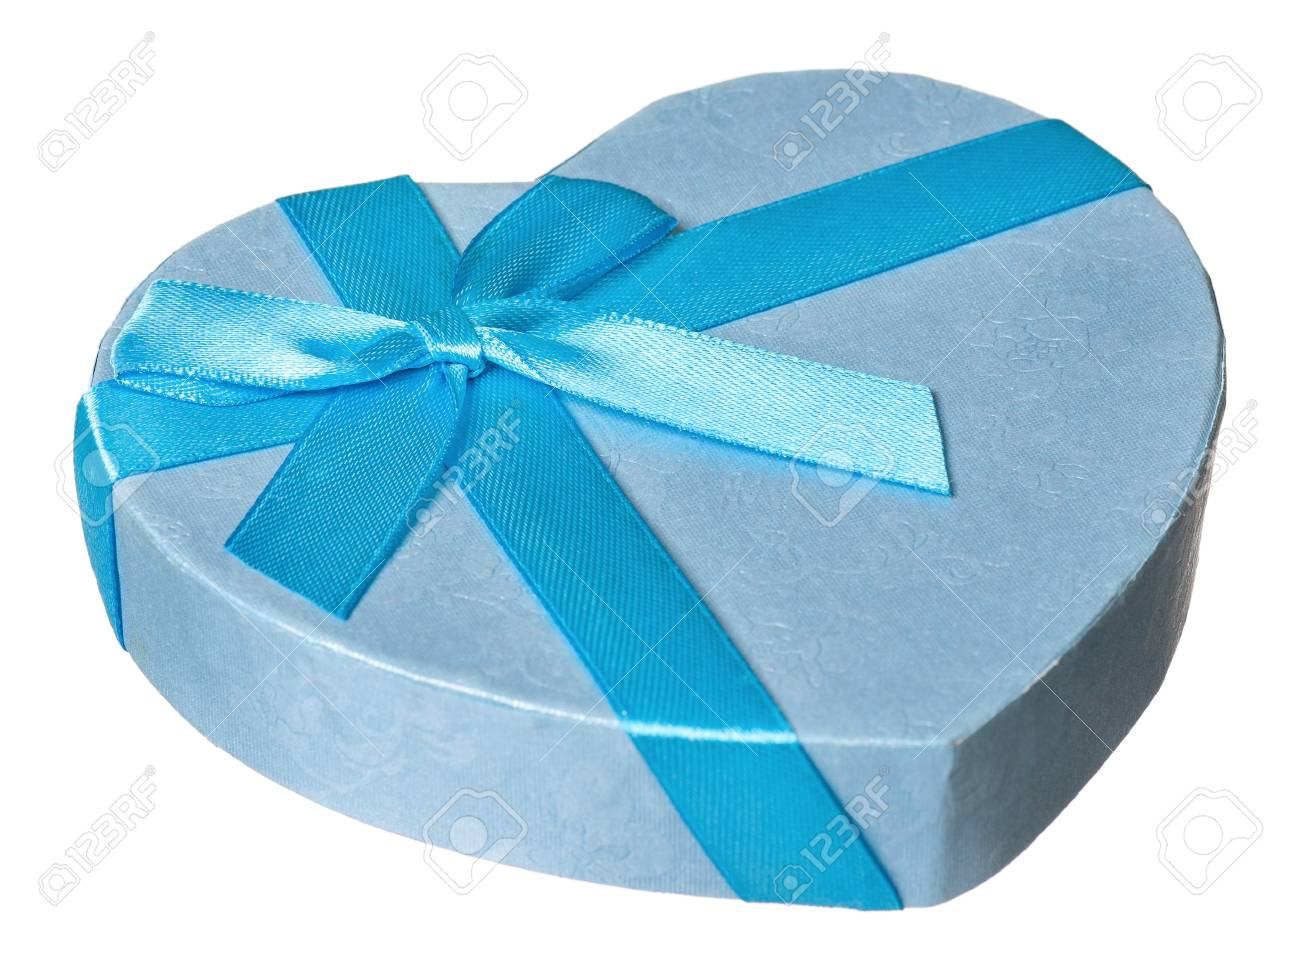 Single gift box isolated on white background Stock Photo - 17939209